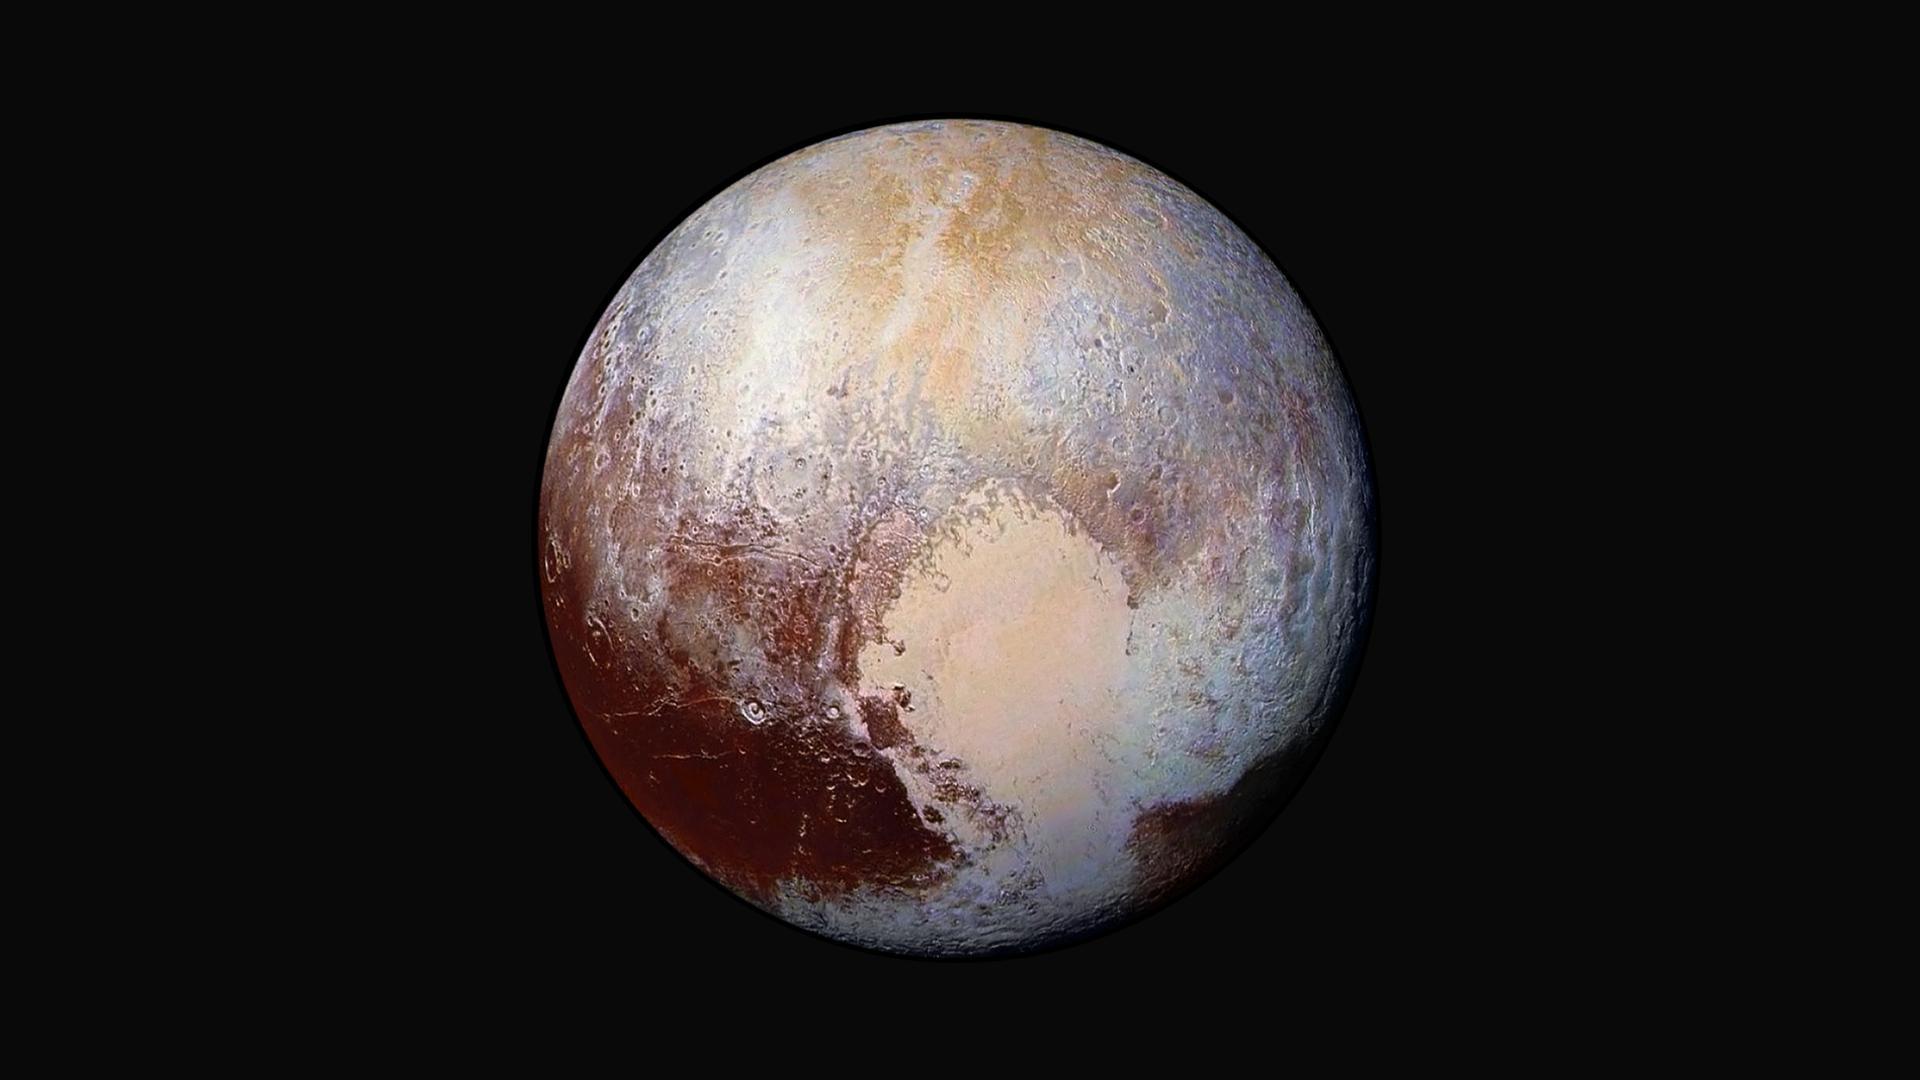 Дебаты о Плутоне никогда не умрут. Вот последний аргумент